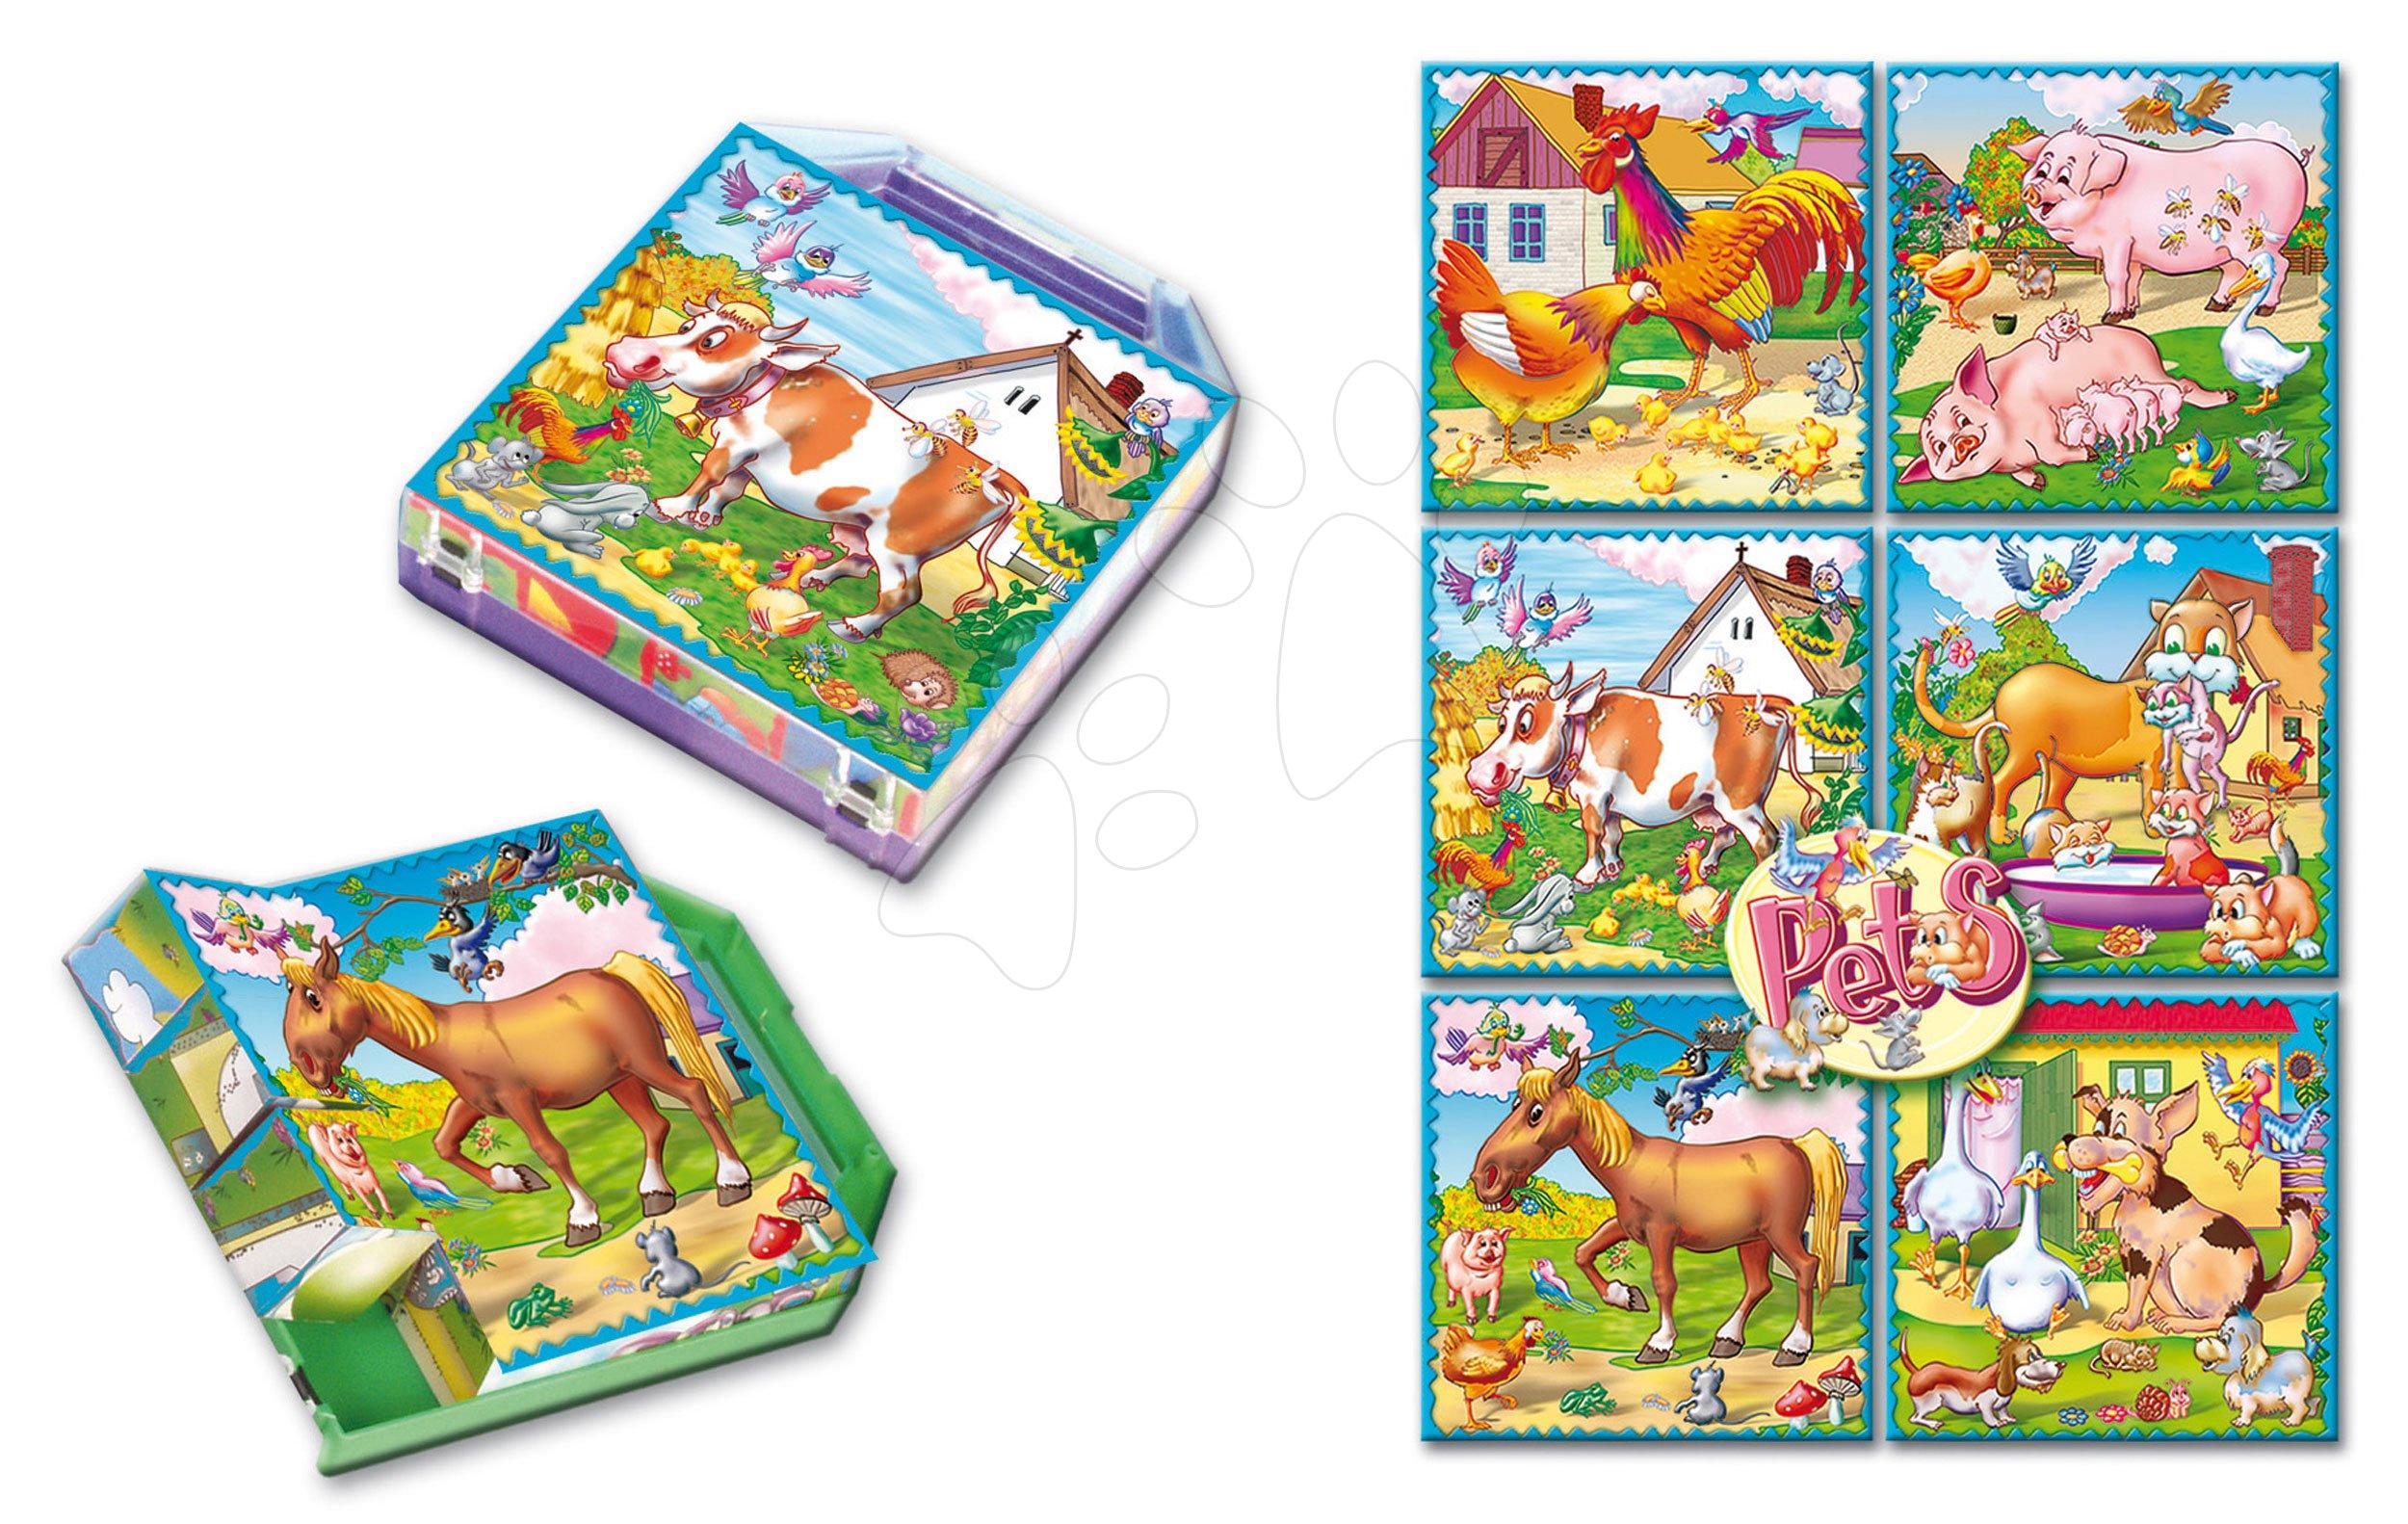 Pohádkové kostky - Pohádkové kostky Domácí zvířata Dohány 16 dílů